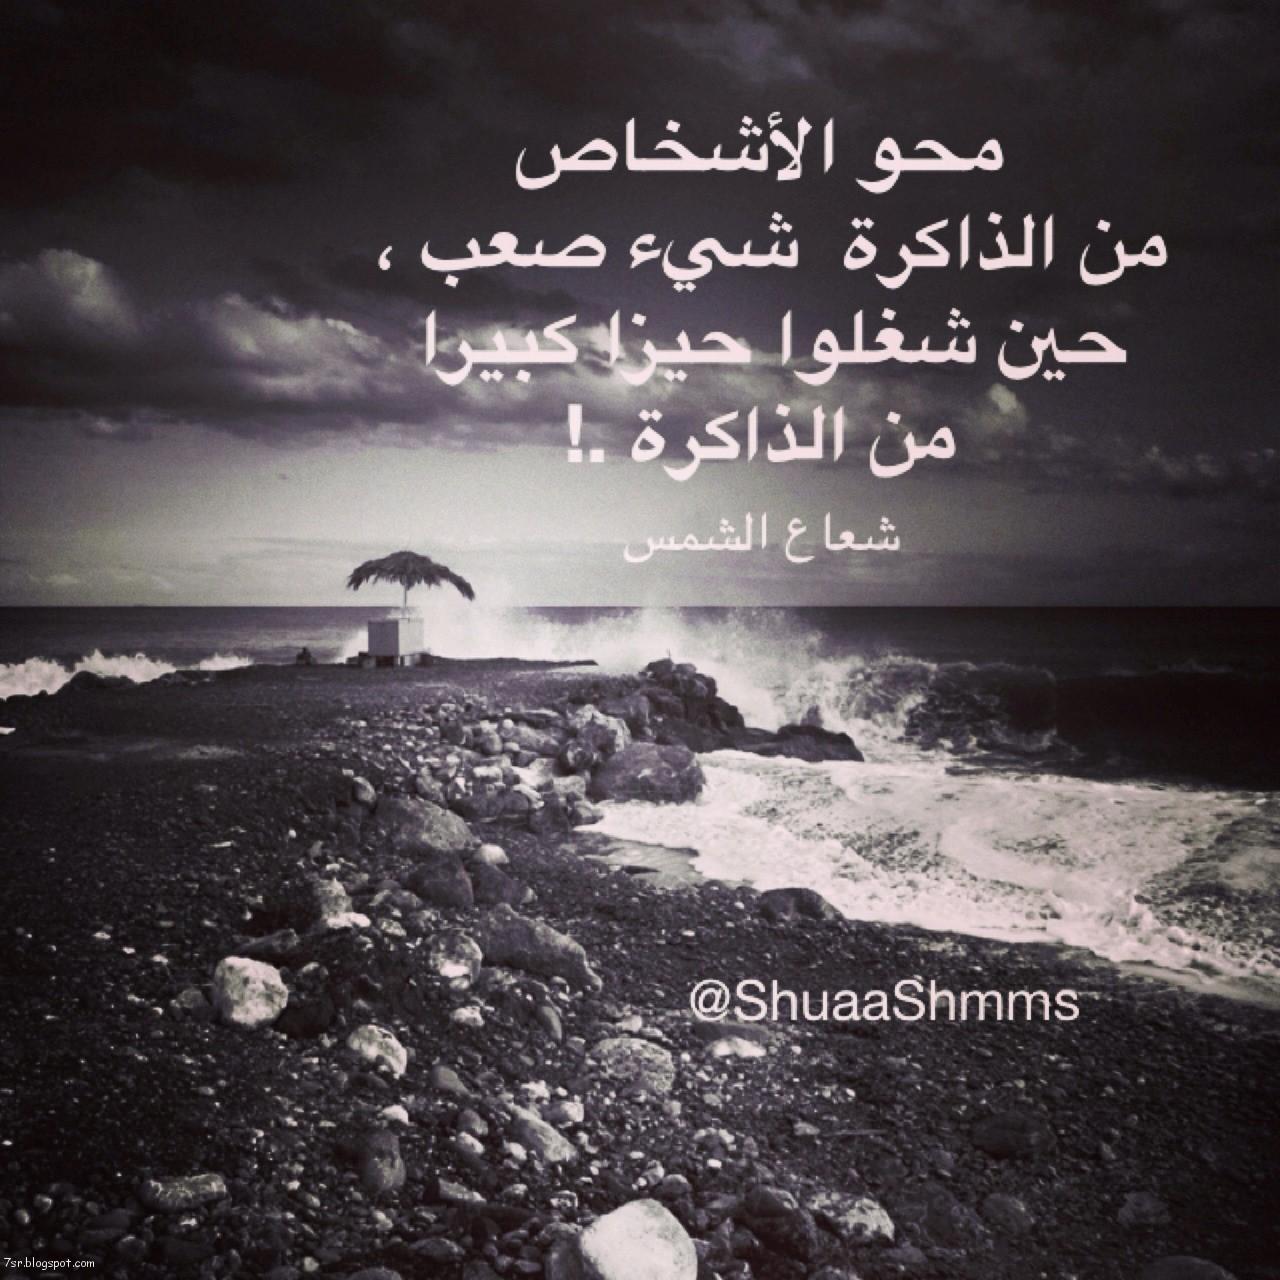 بالصور صور فراق حزينه , كلمات عن الفراق 3475 7